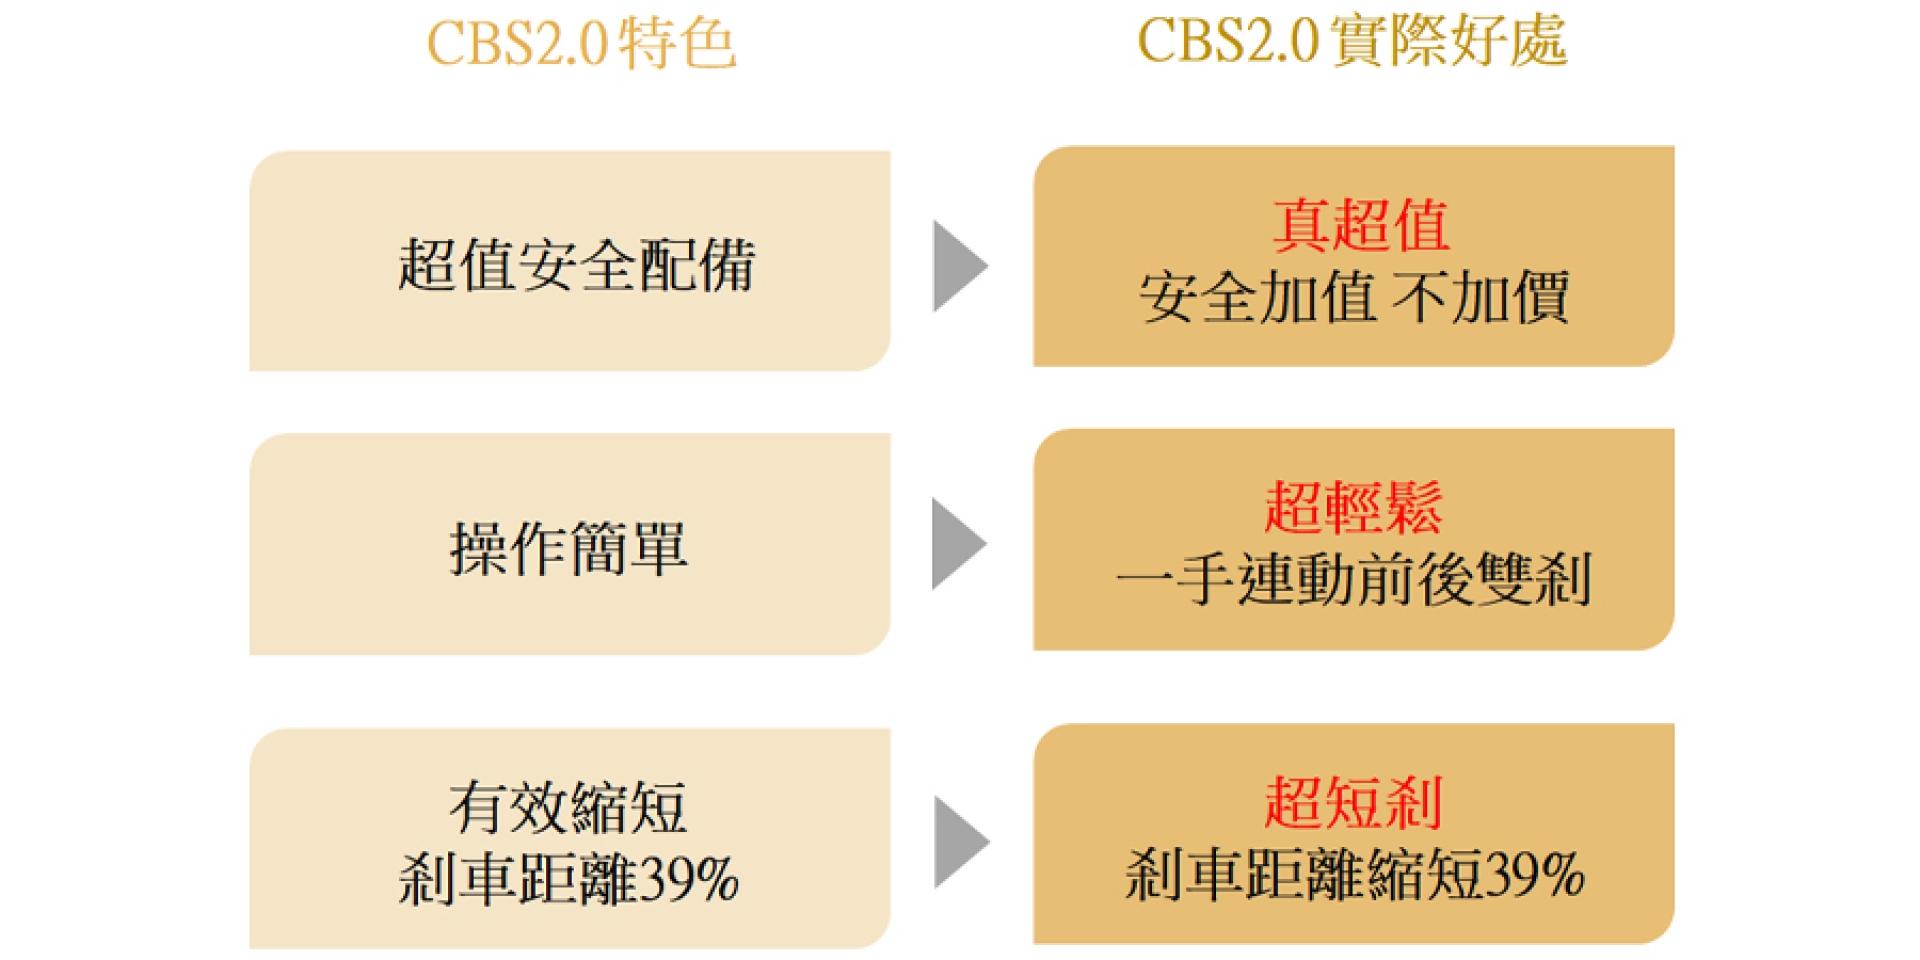 官方新聞稿。SYM安全最高標 全車系配備CBS2.0/ABS 政府減少的補助 三陽通通補給你